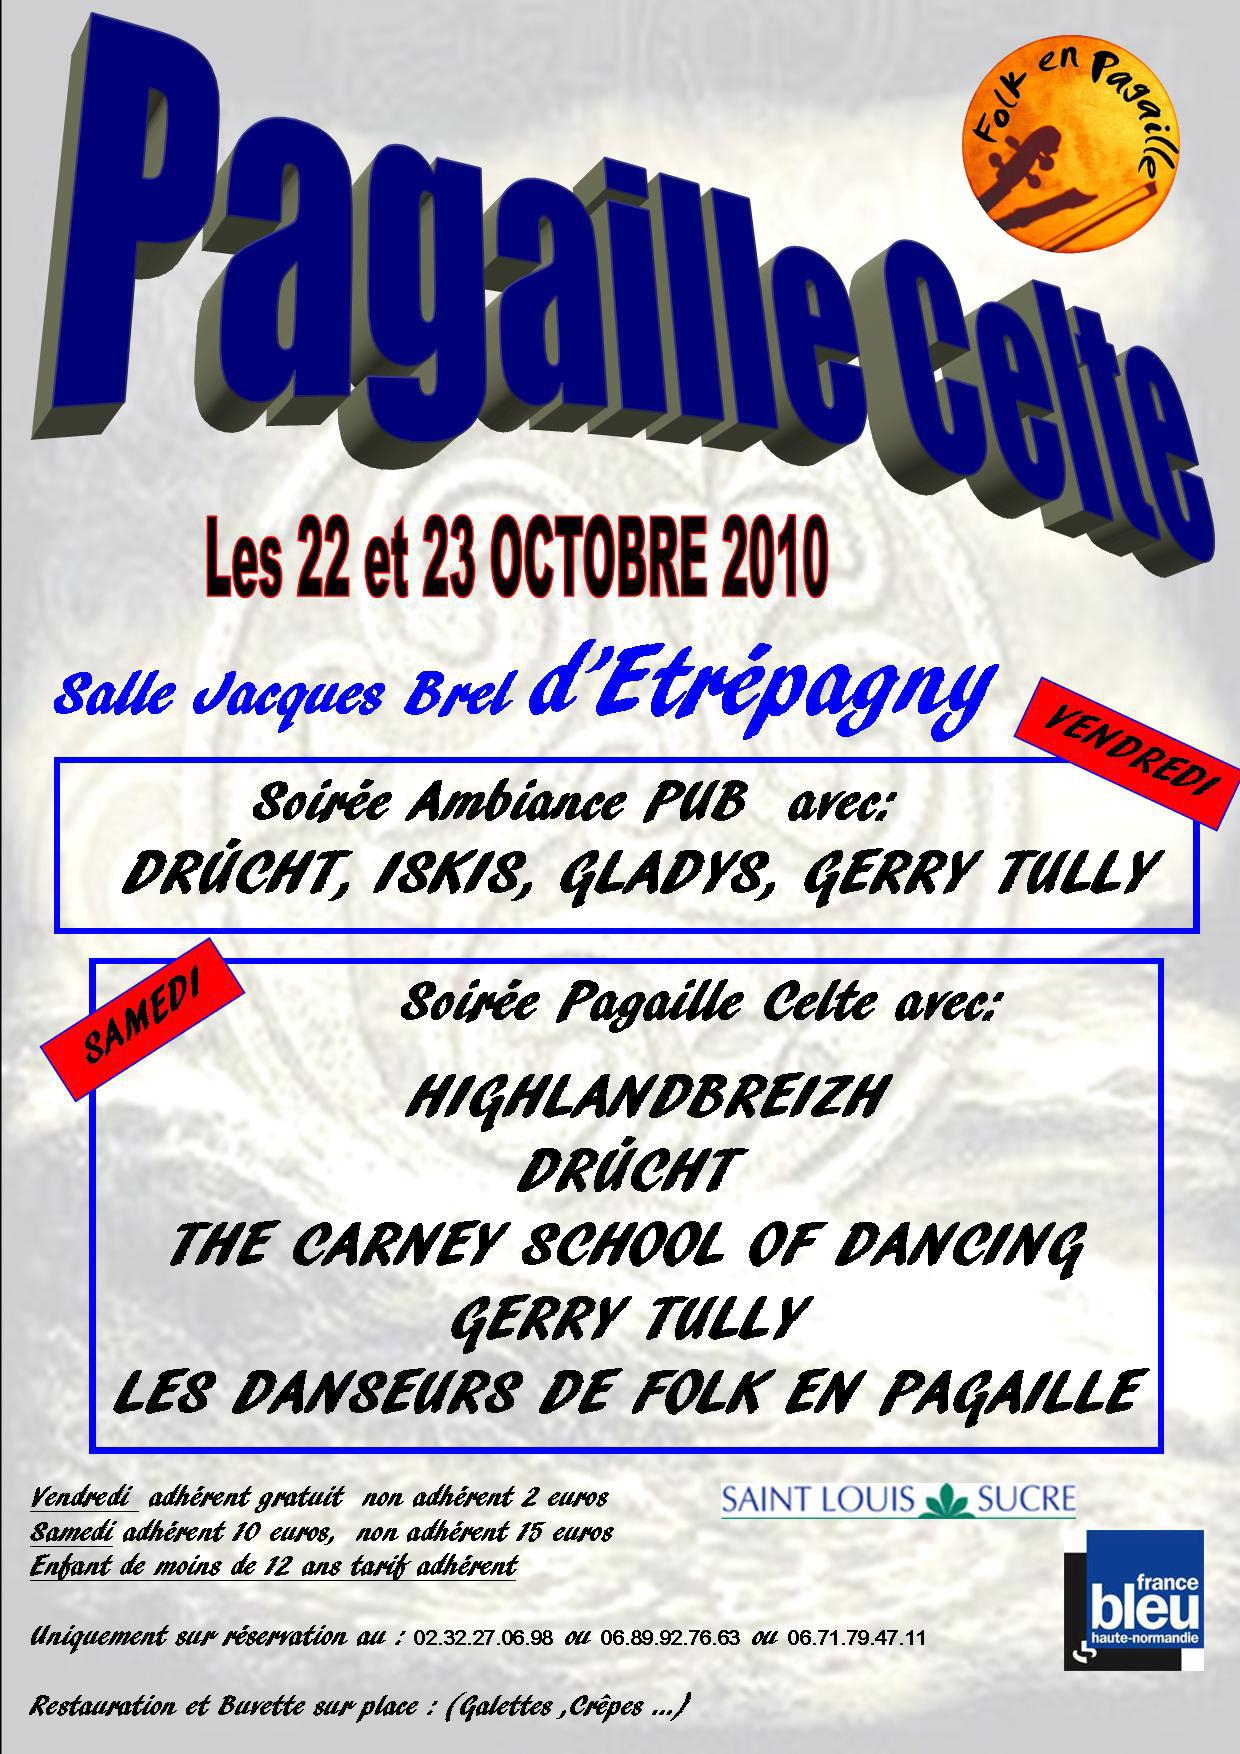 Affiche de la 5ème Pagaille celte, les 22 et 23 octobre à Etrepagny (27150)